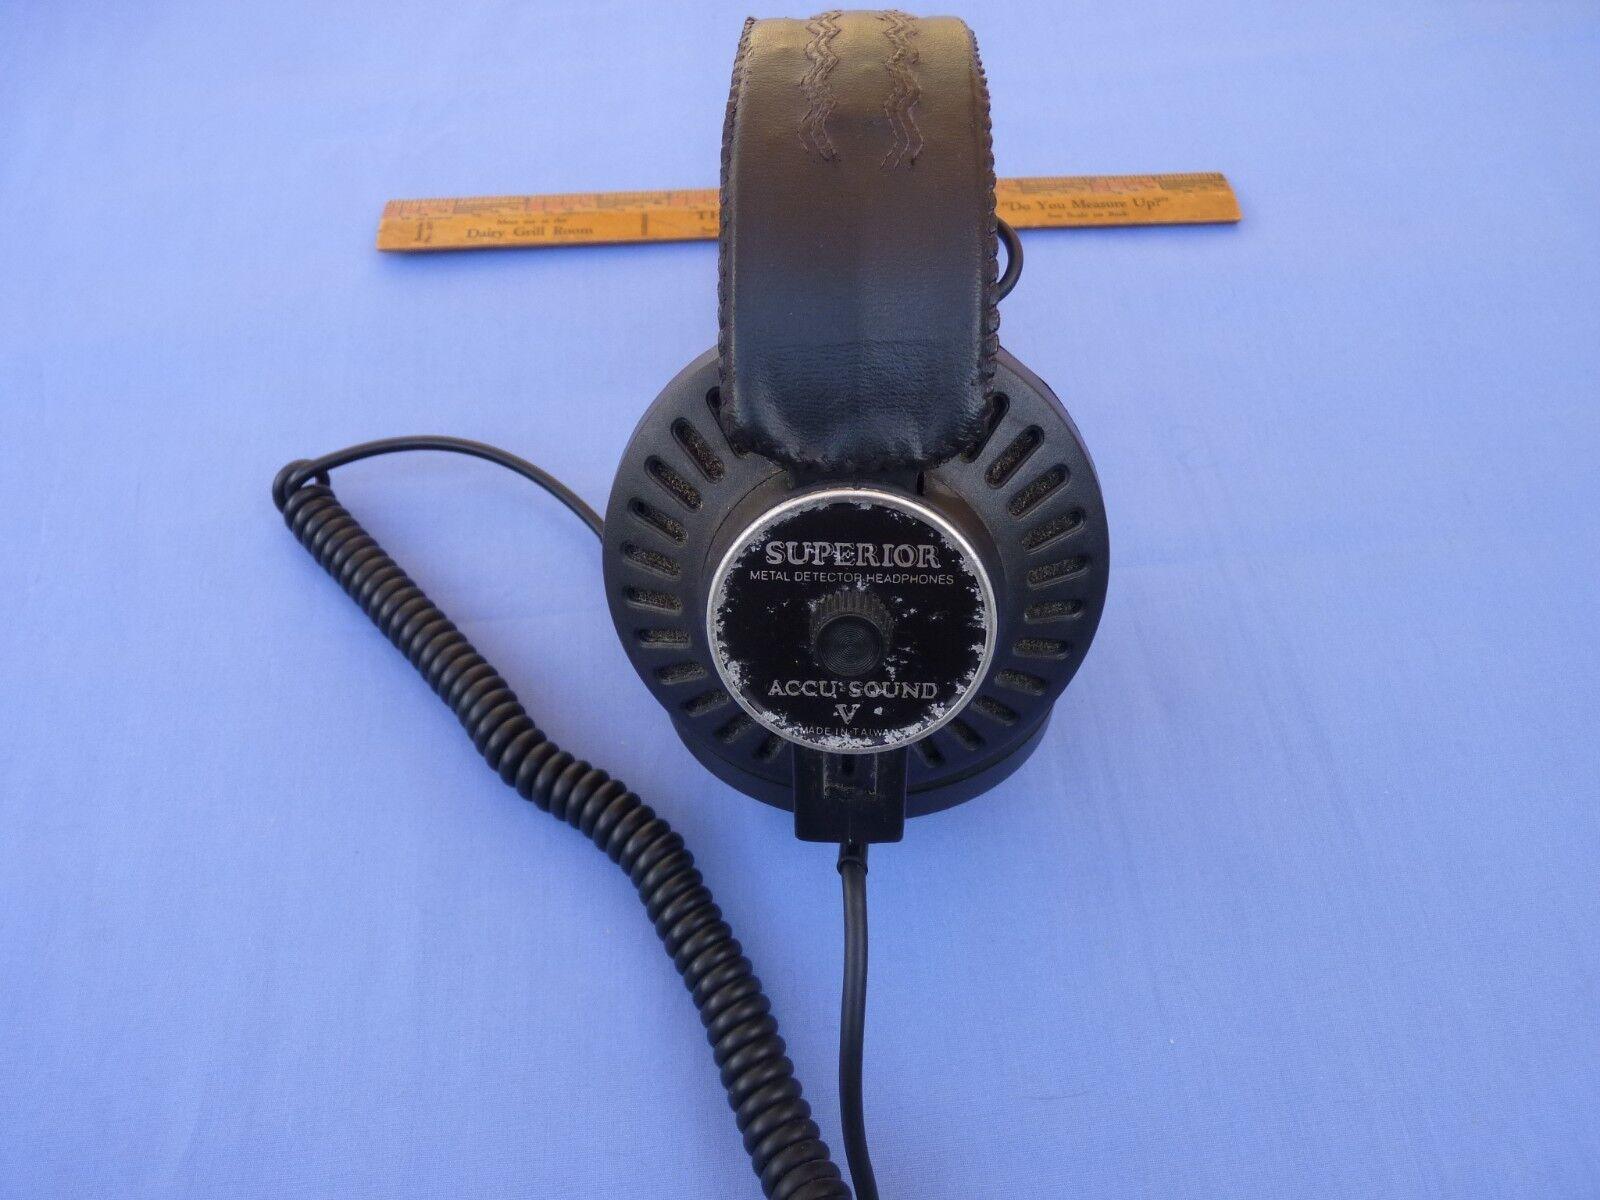 Superior Accu-Sound Metal Detector Headphones Used